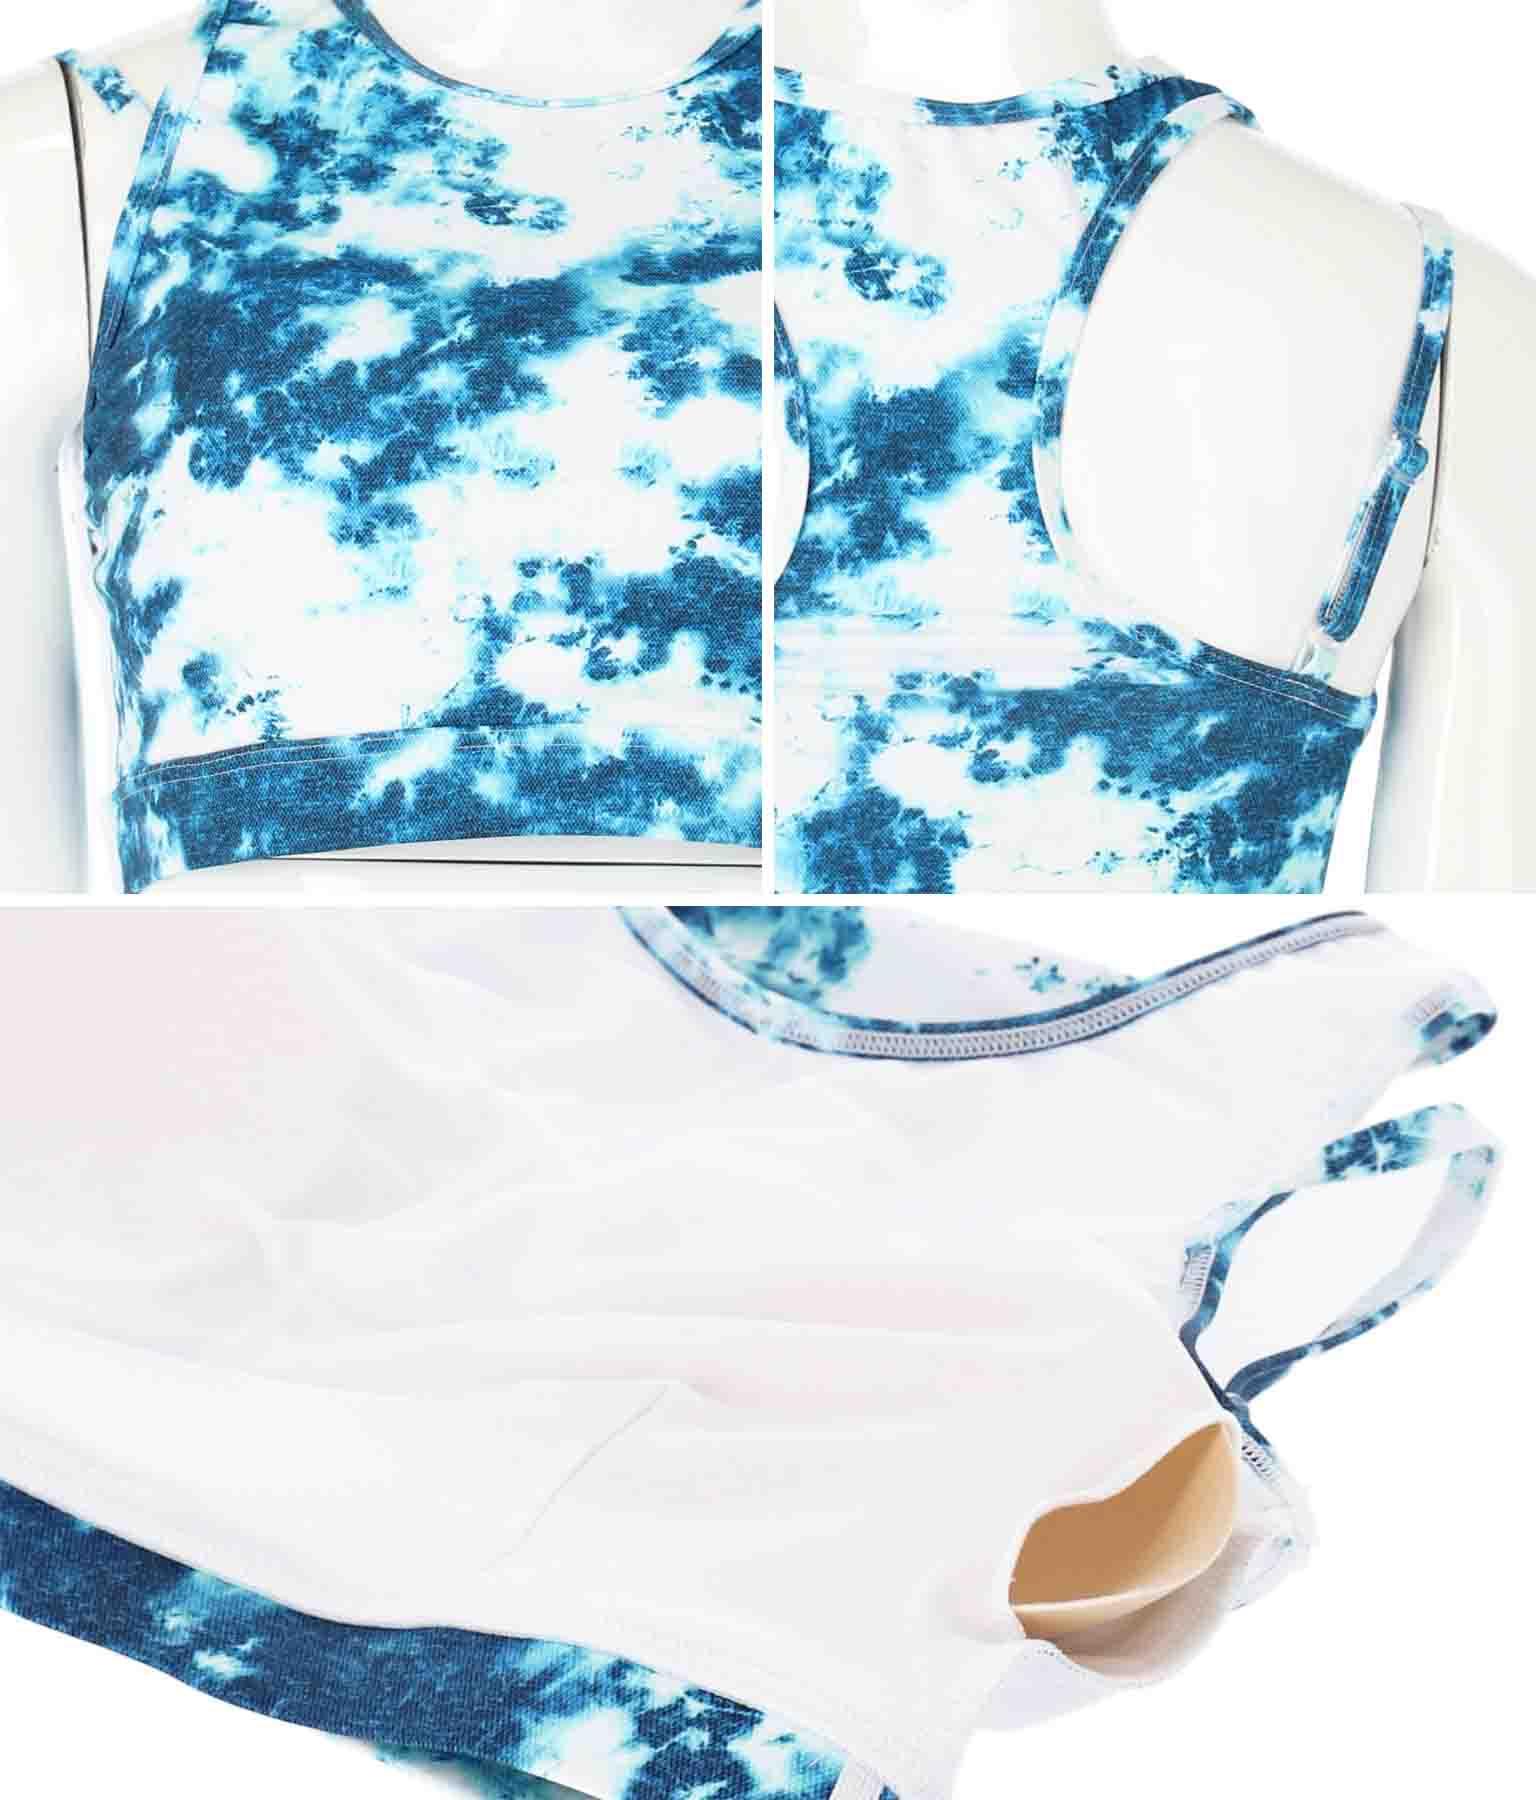 スイムスーツ(水着/Tシャツ・ブラ・チューブ・ベアトップ・レギンス・水着セット) | RUSTY